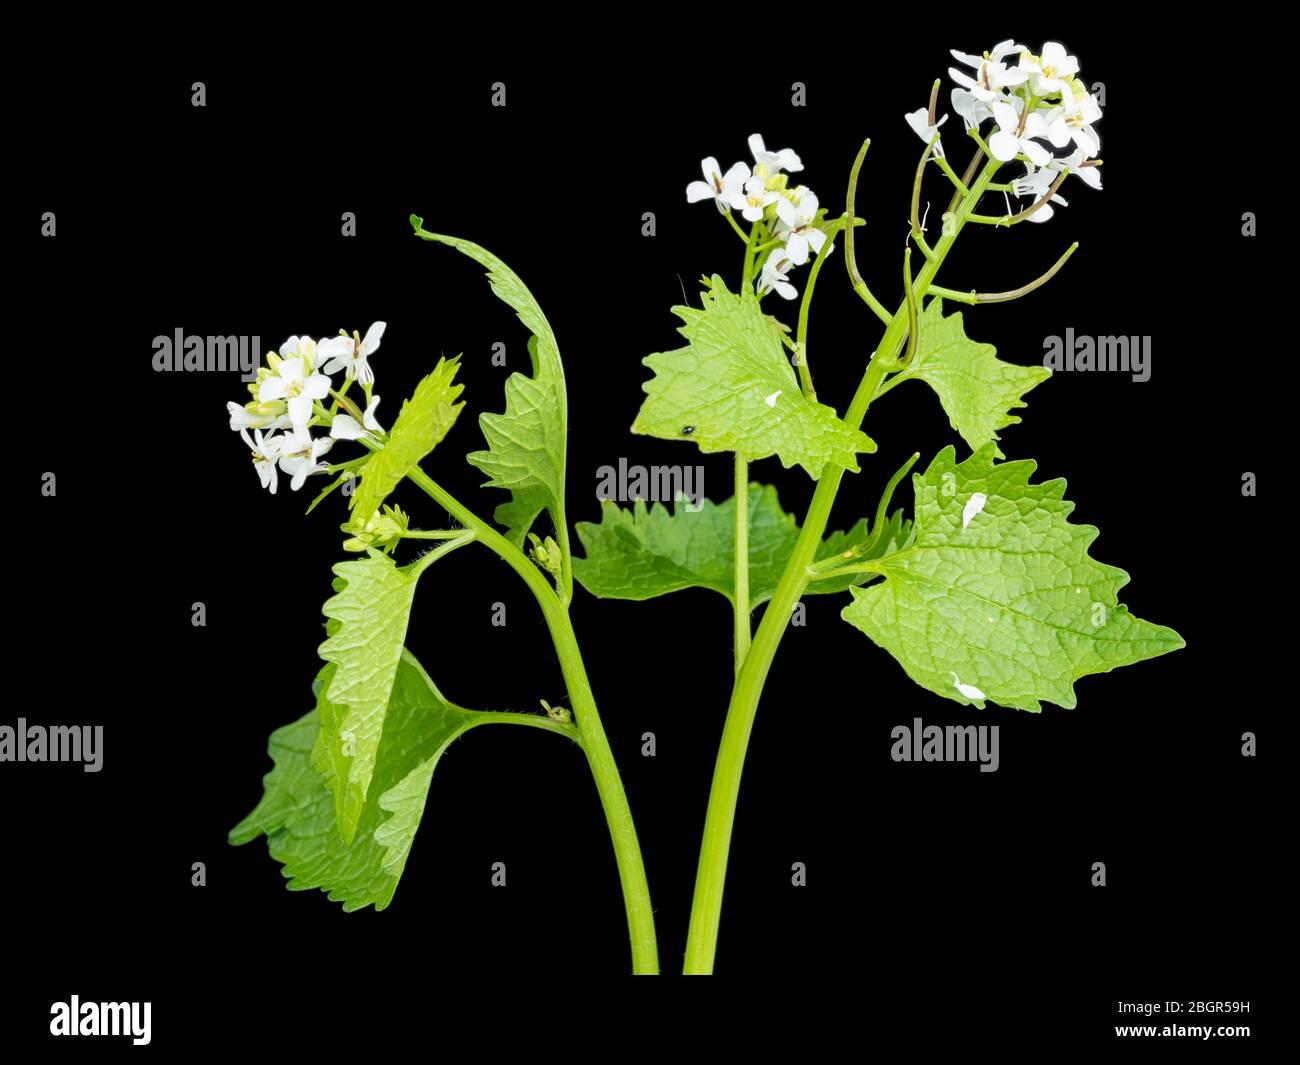 Flor silvestre del Reino Unido, Jack por la mostaza de la cobertura o el ajo, Alliaria petiolata, floreciendo sobre un fondo negro Foto de stock